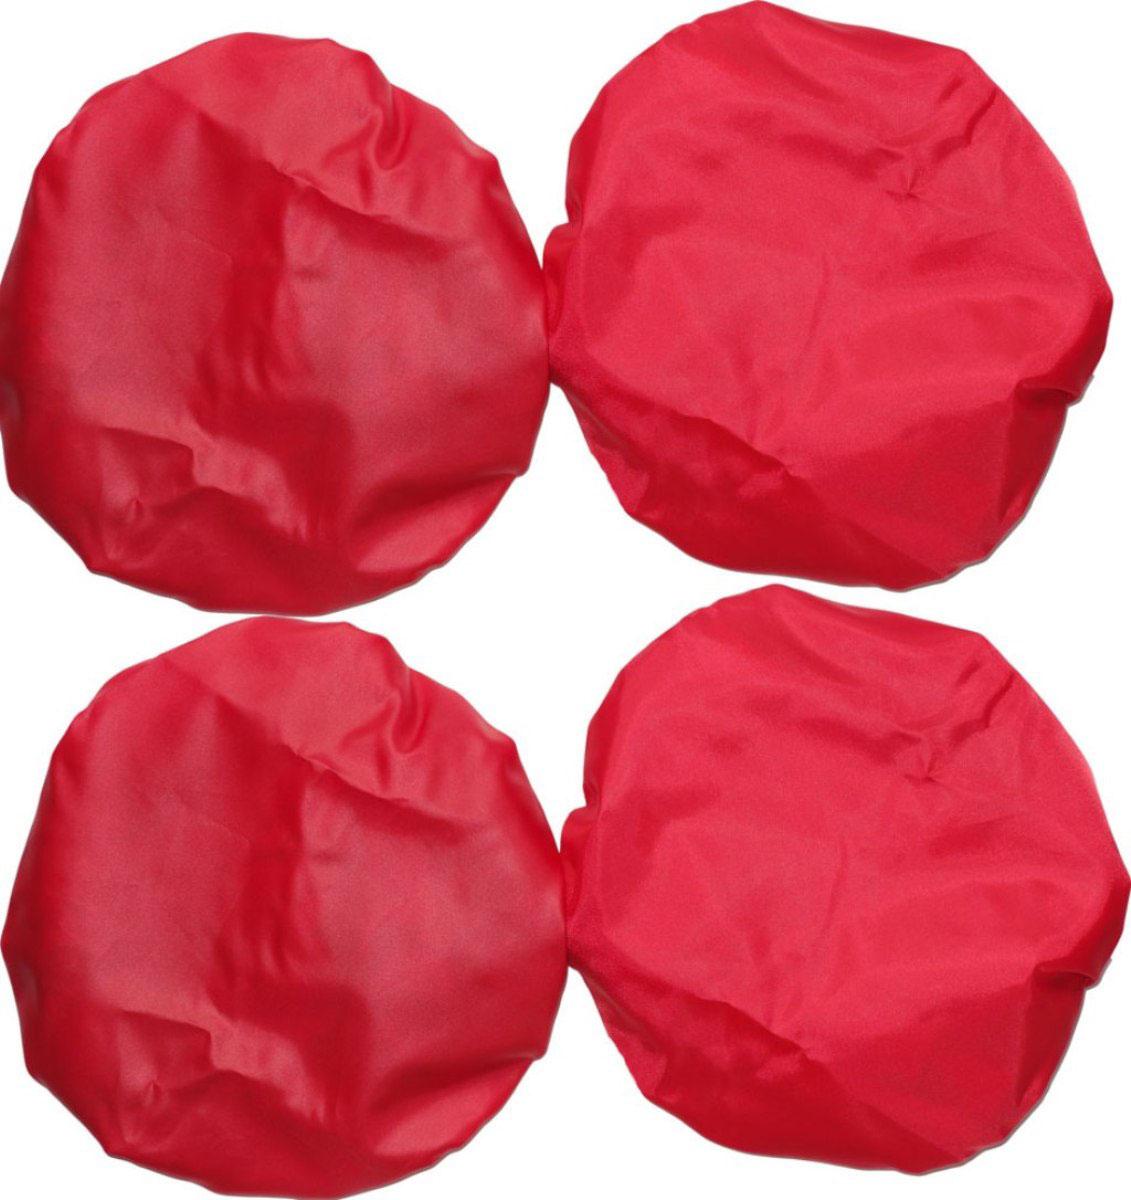 Чудо-Чадо Чехлы на колеса для коляски диаметр 28-38 см цвет красный 4 шт